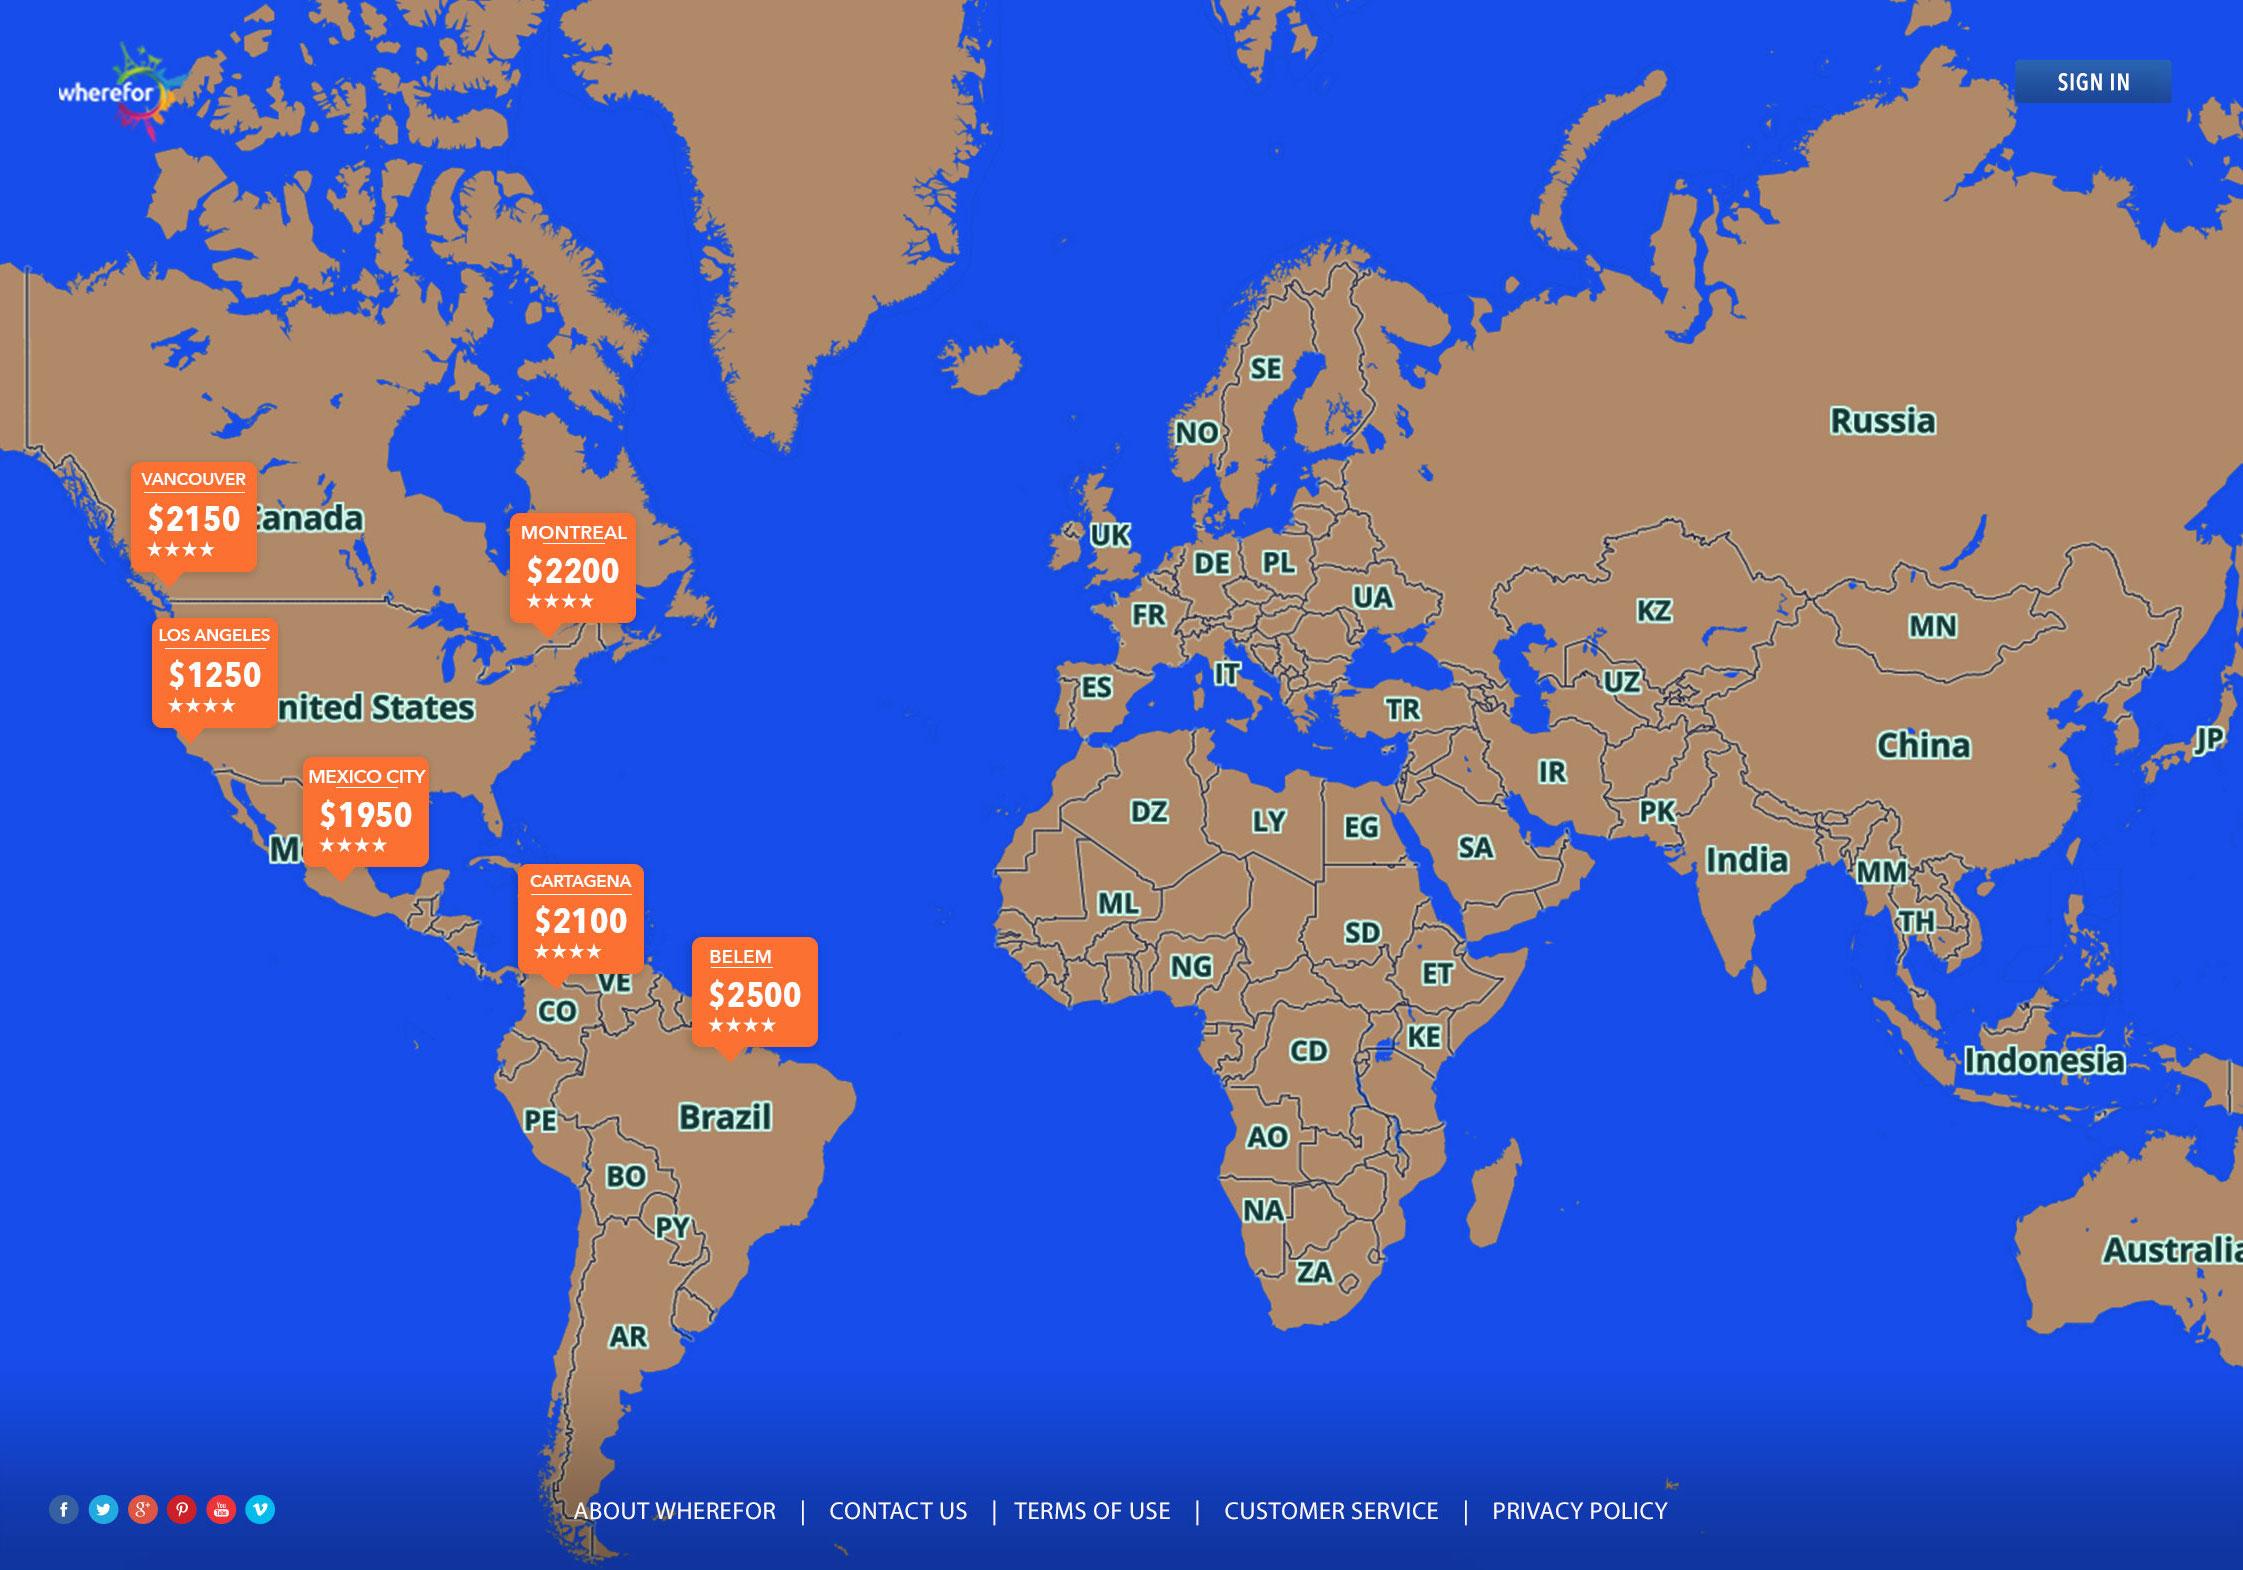 WhereFor_Desktop_1515_0004_Screen-3-Map_new.jpg